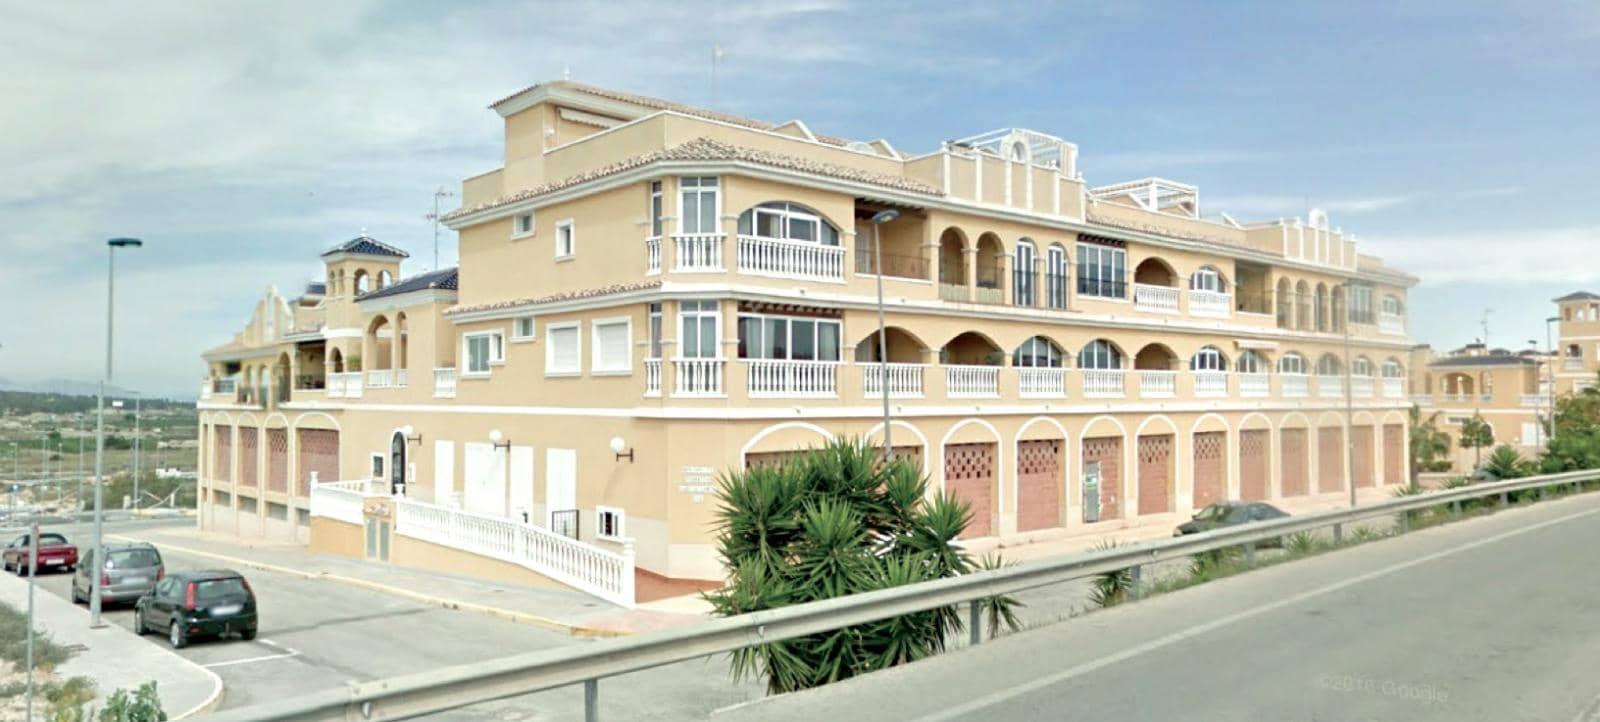 Local Comercial de 1 habitación en Benijófar en venta con piscina - 69.000 € (Ref: 4060110)